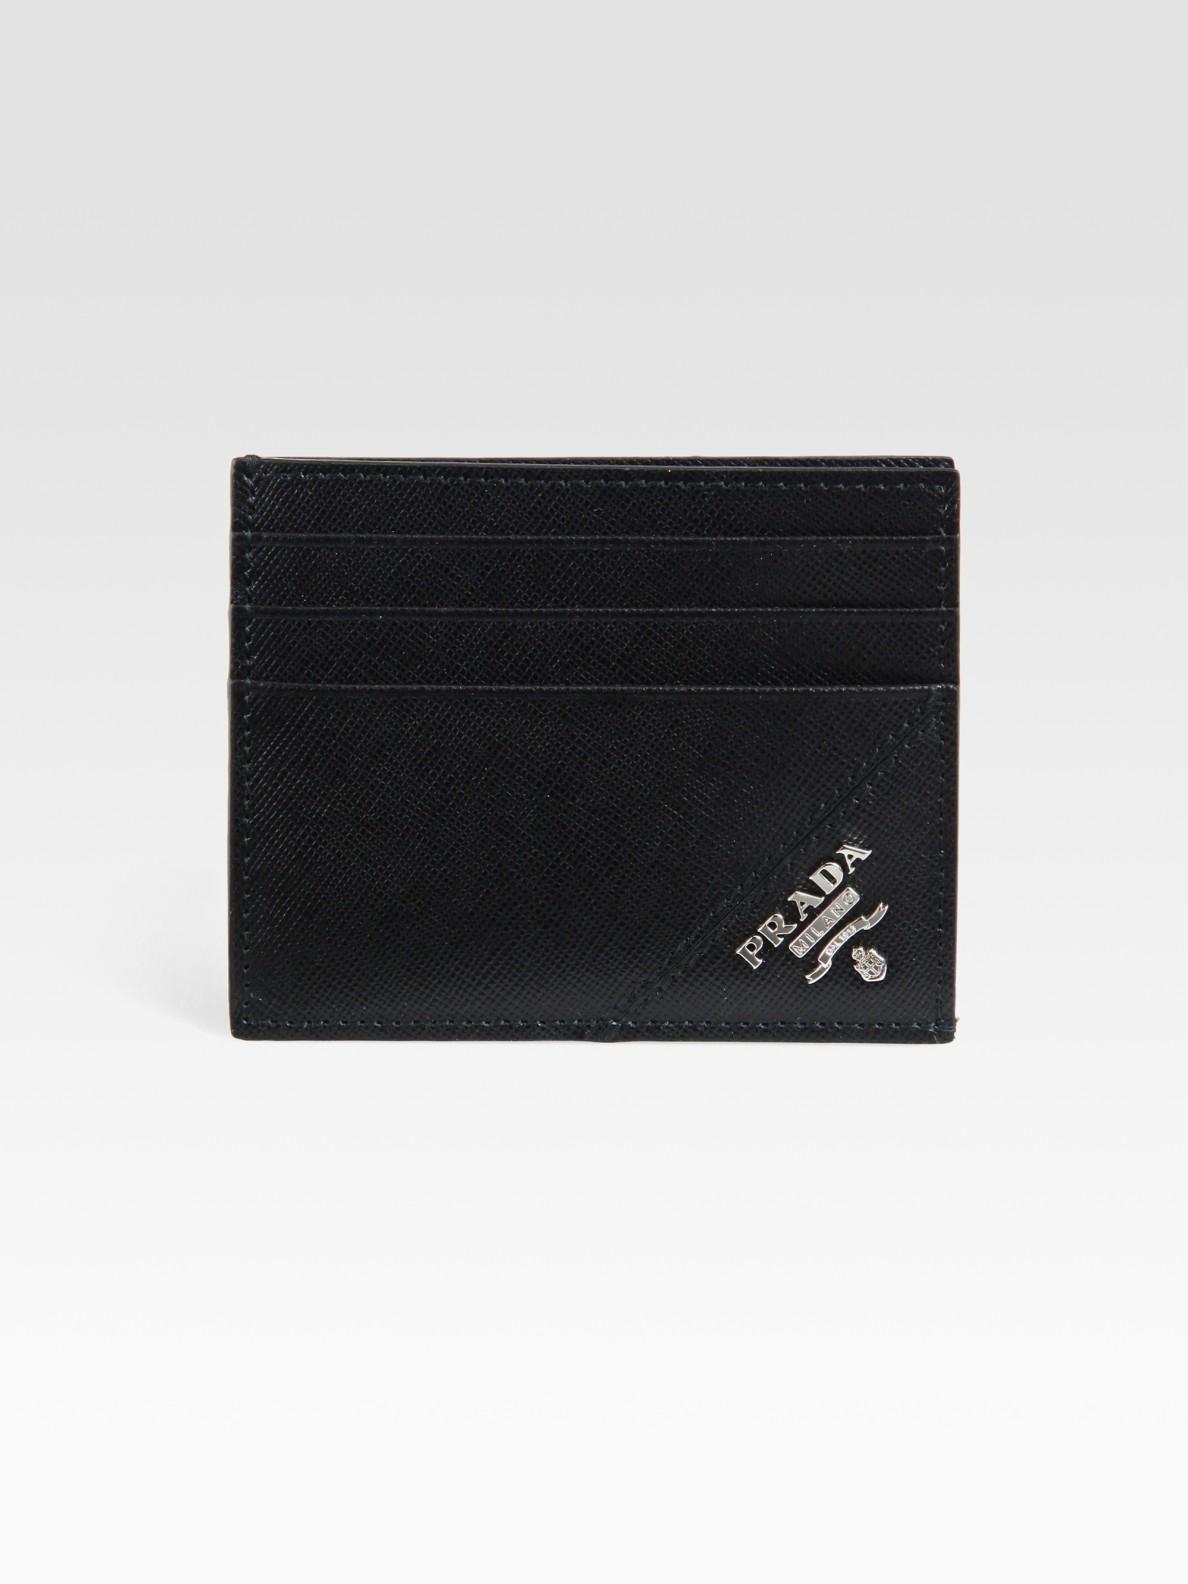 7e106241000c Prada Saffiano Leather Credit Card Case in Black for Men - Lyst